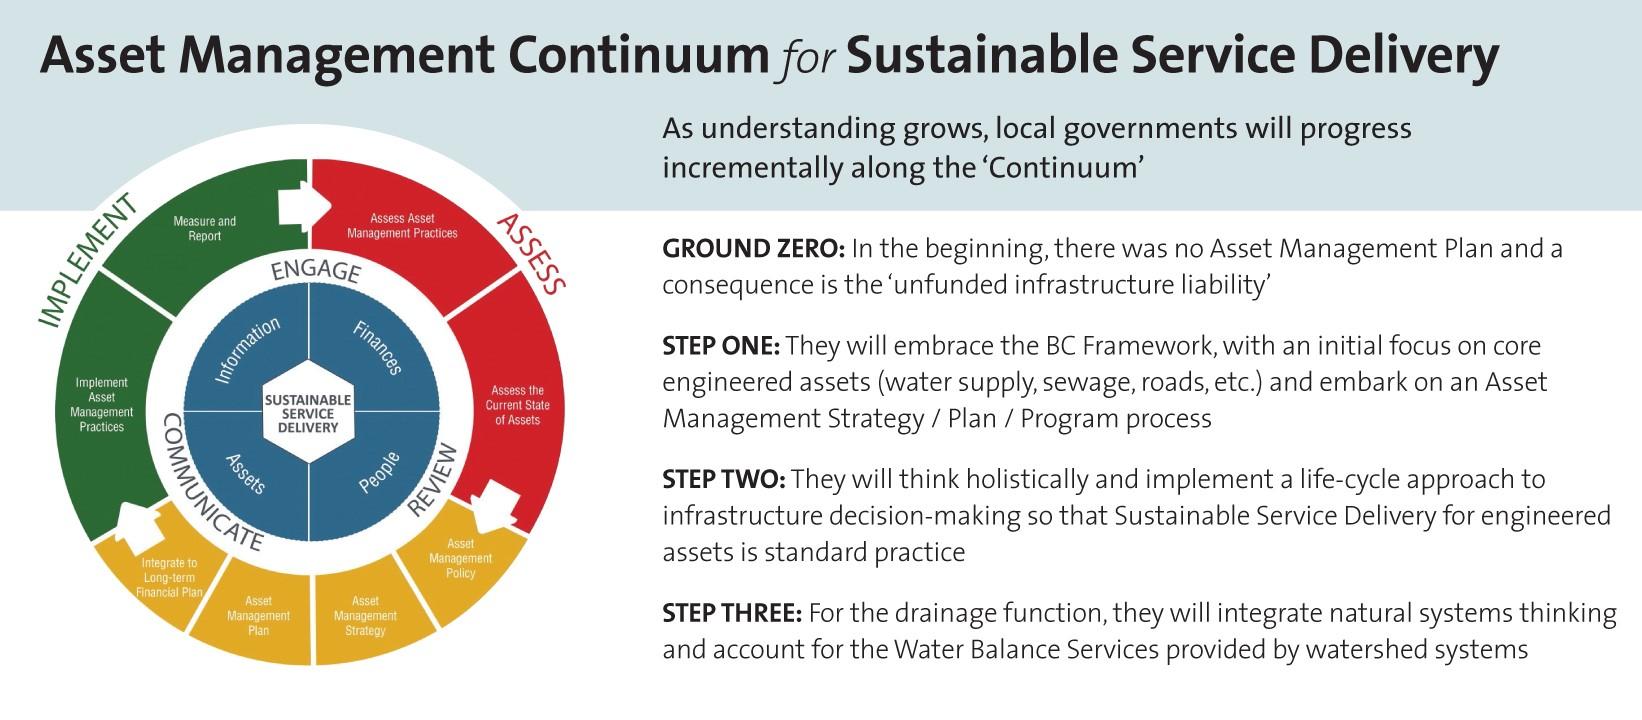 Asset Management Continuum